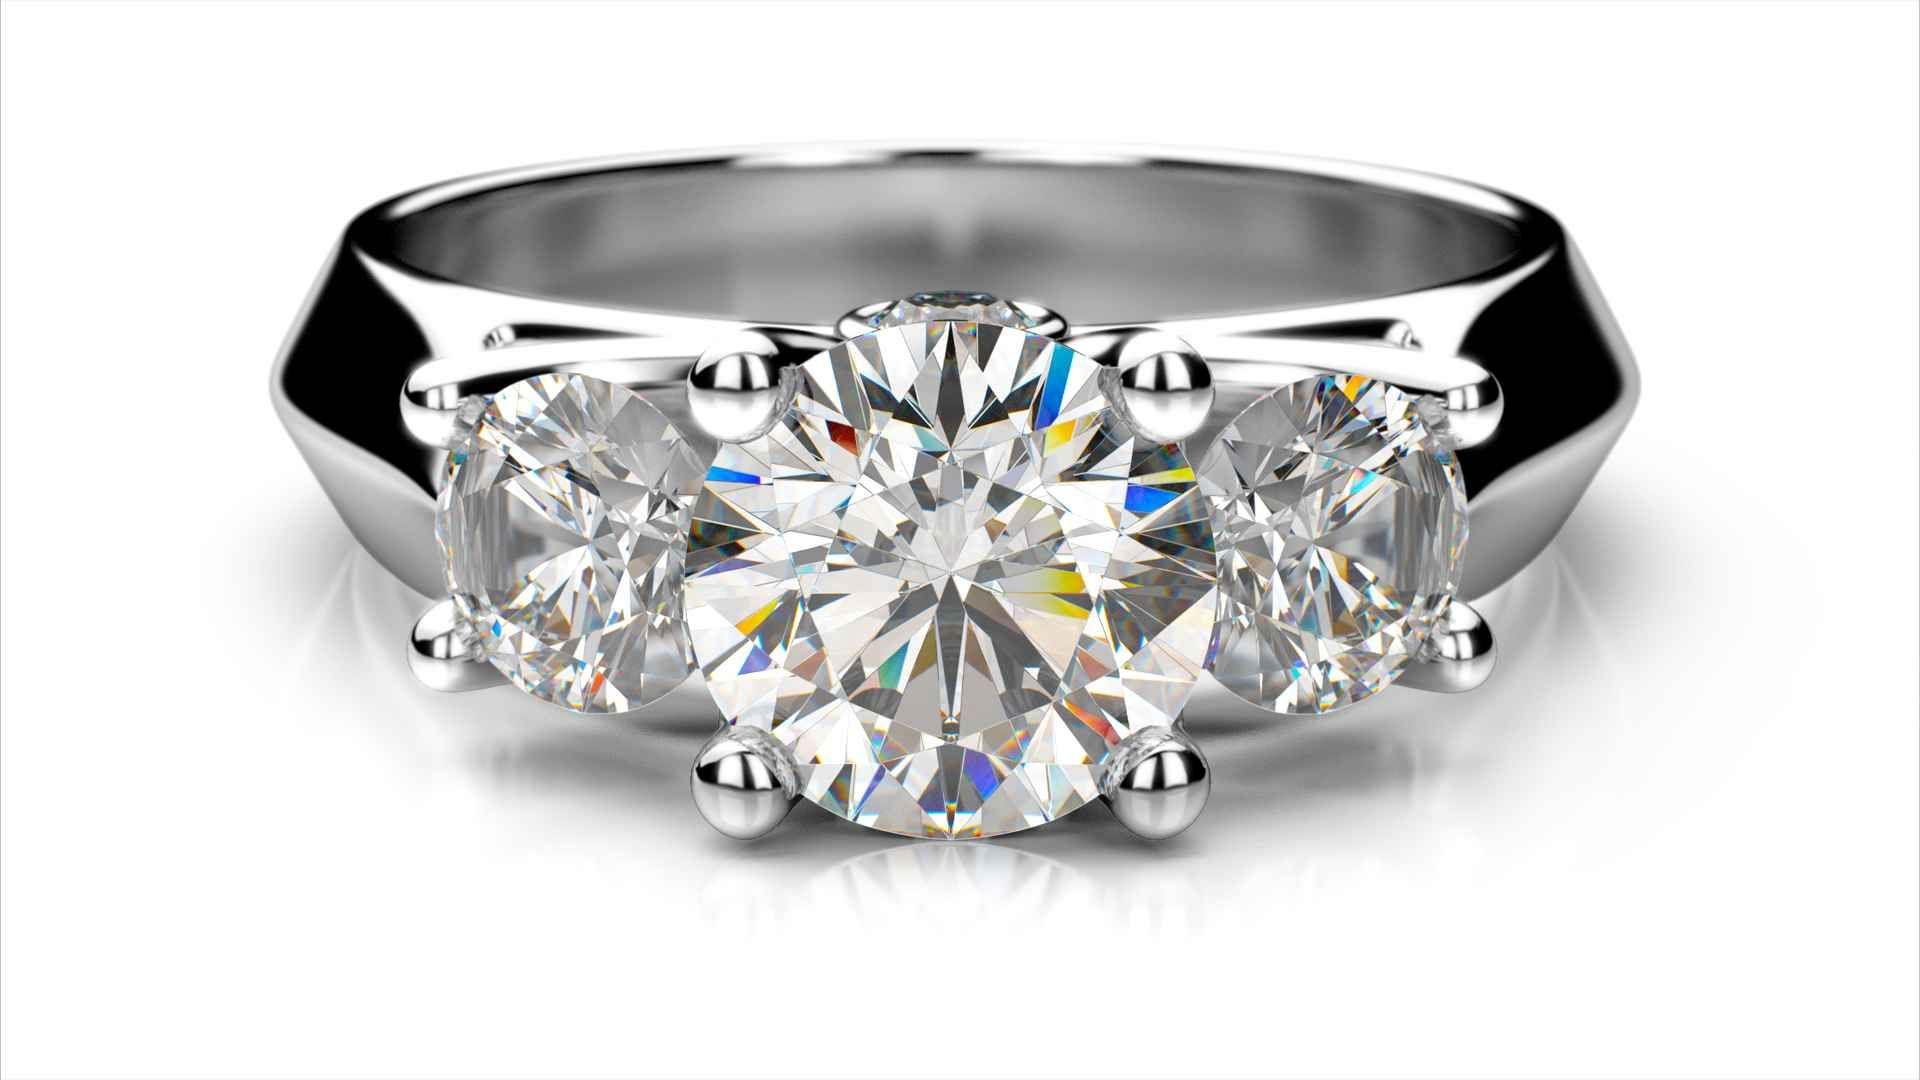 6a5f902e1 Zlatý zásnubný prsteň VERA biele zlato 14 karátové diamant okrúhly tri  diamanty